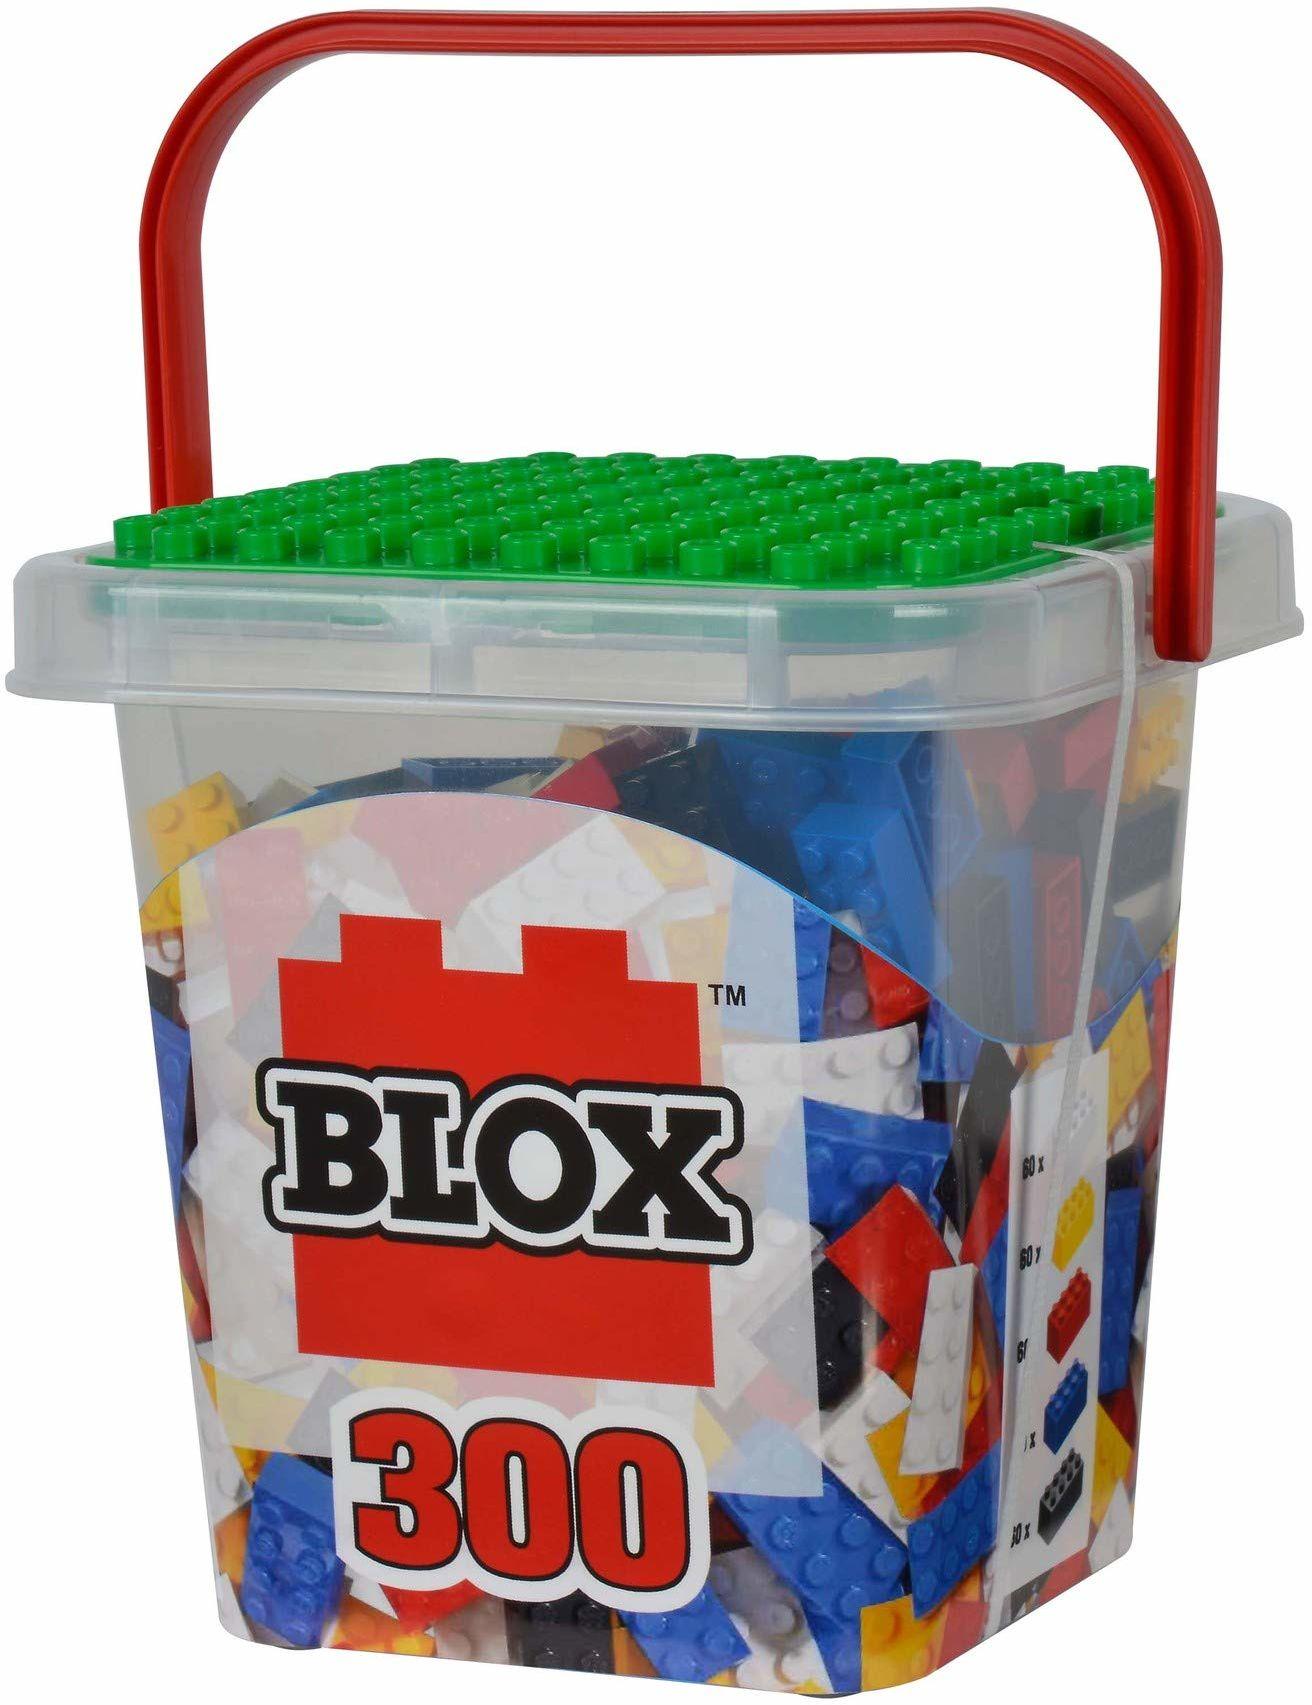 Simba 104114202  klocki Blox 300 dla dzieci w wieku od 4 lat, 8 sztuk w pudełku z kamienia z podstawą, w pełni kompatybilne, różne kolory, czarny, czerwony, biały, żółty, niebieski